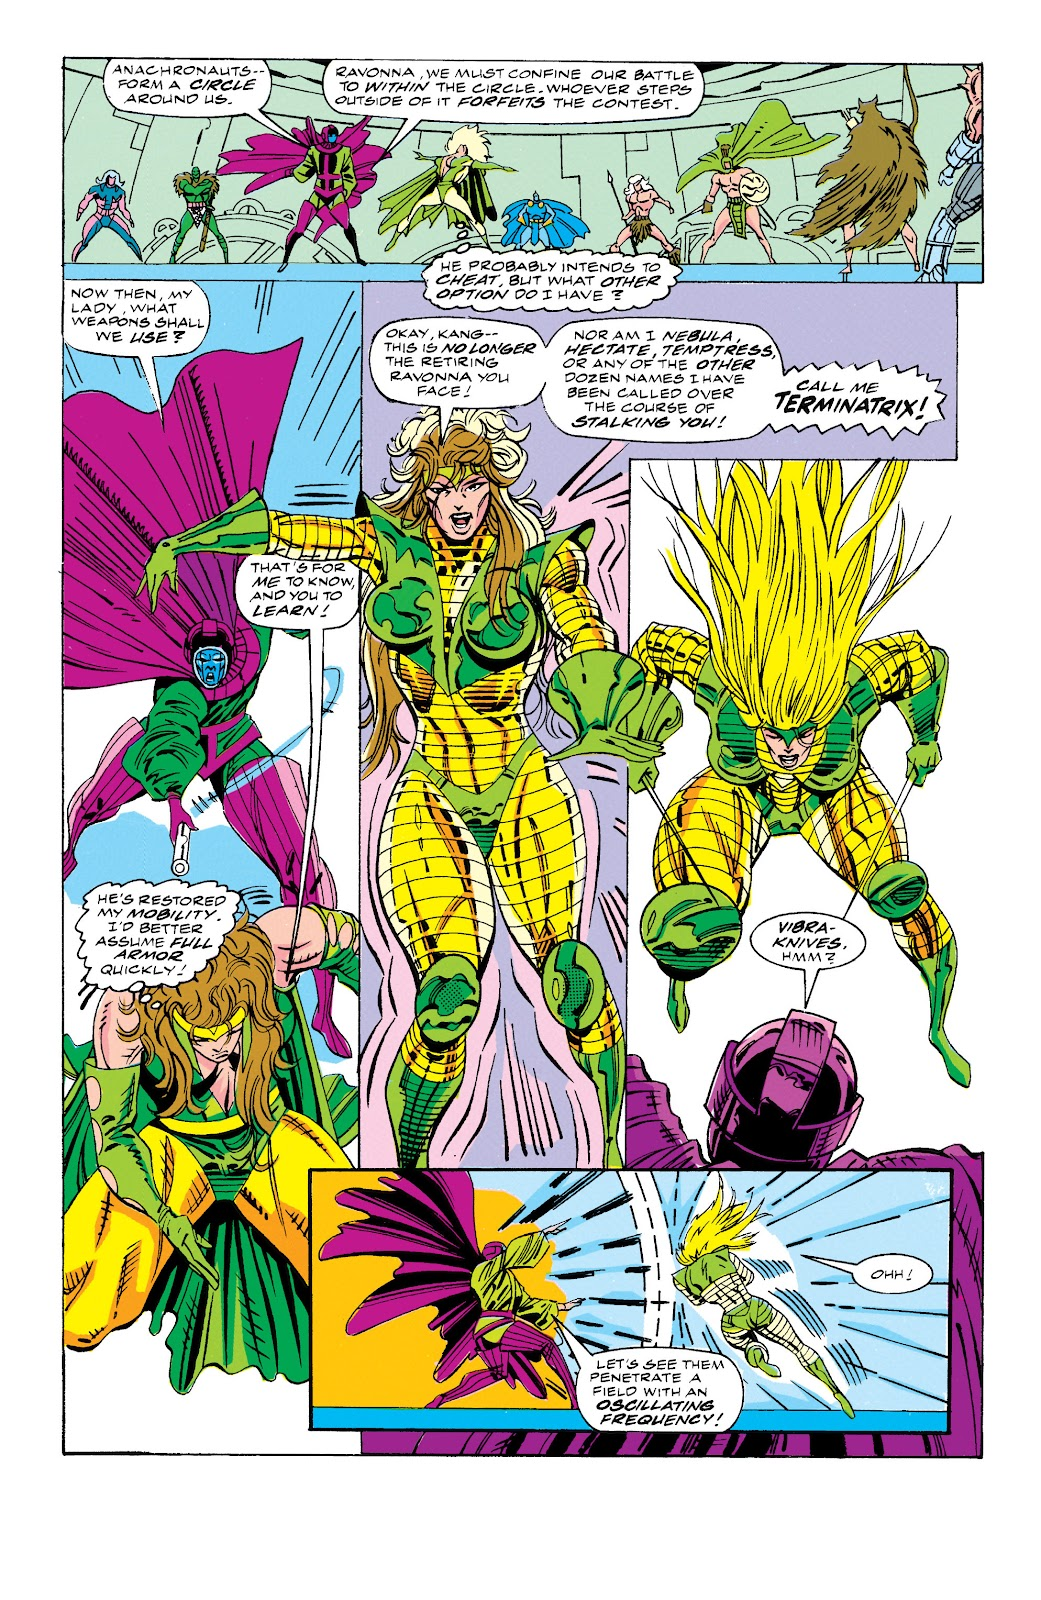 Read online Avengers: Citizen Kang comic -  Issue # TPB (Part 2) - 89